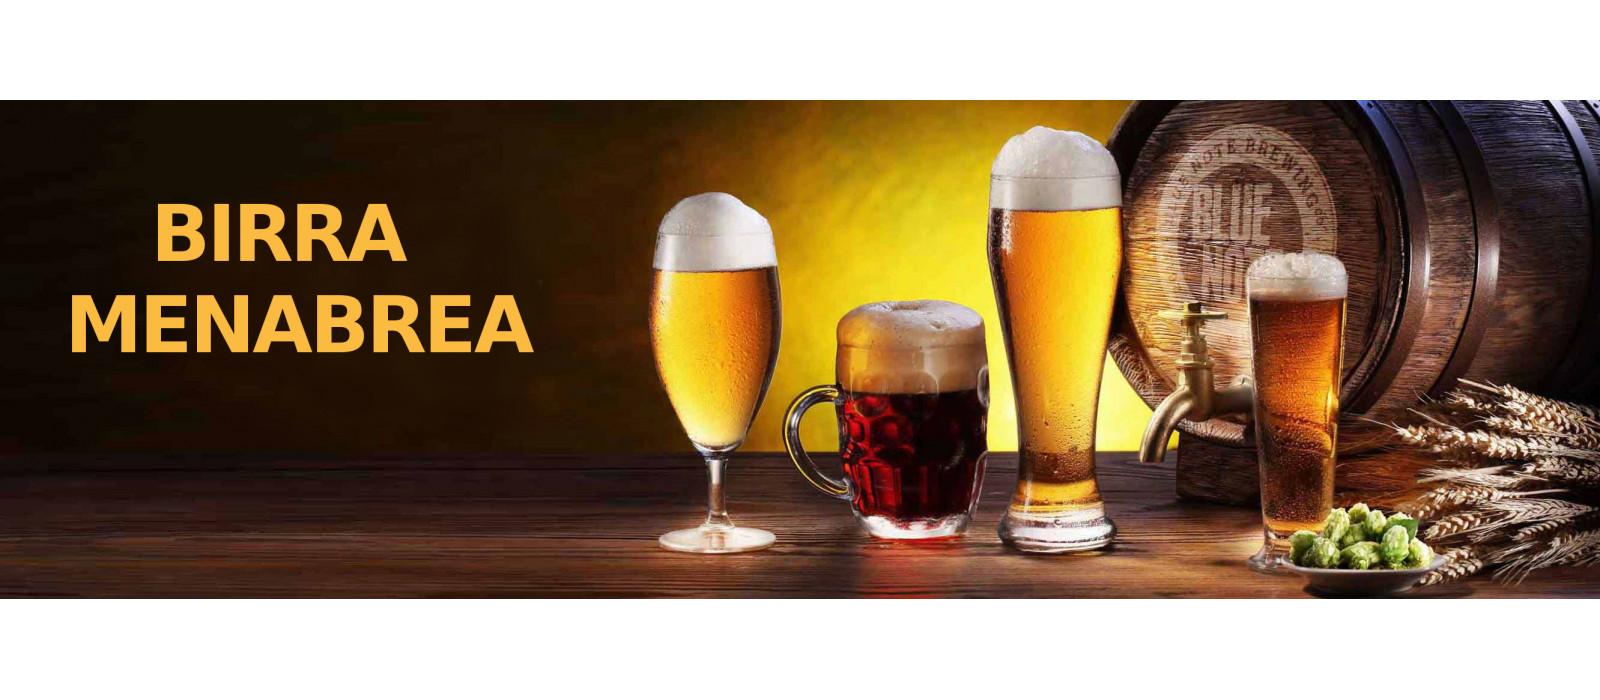 Birra Menabrea - Vendita Online